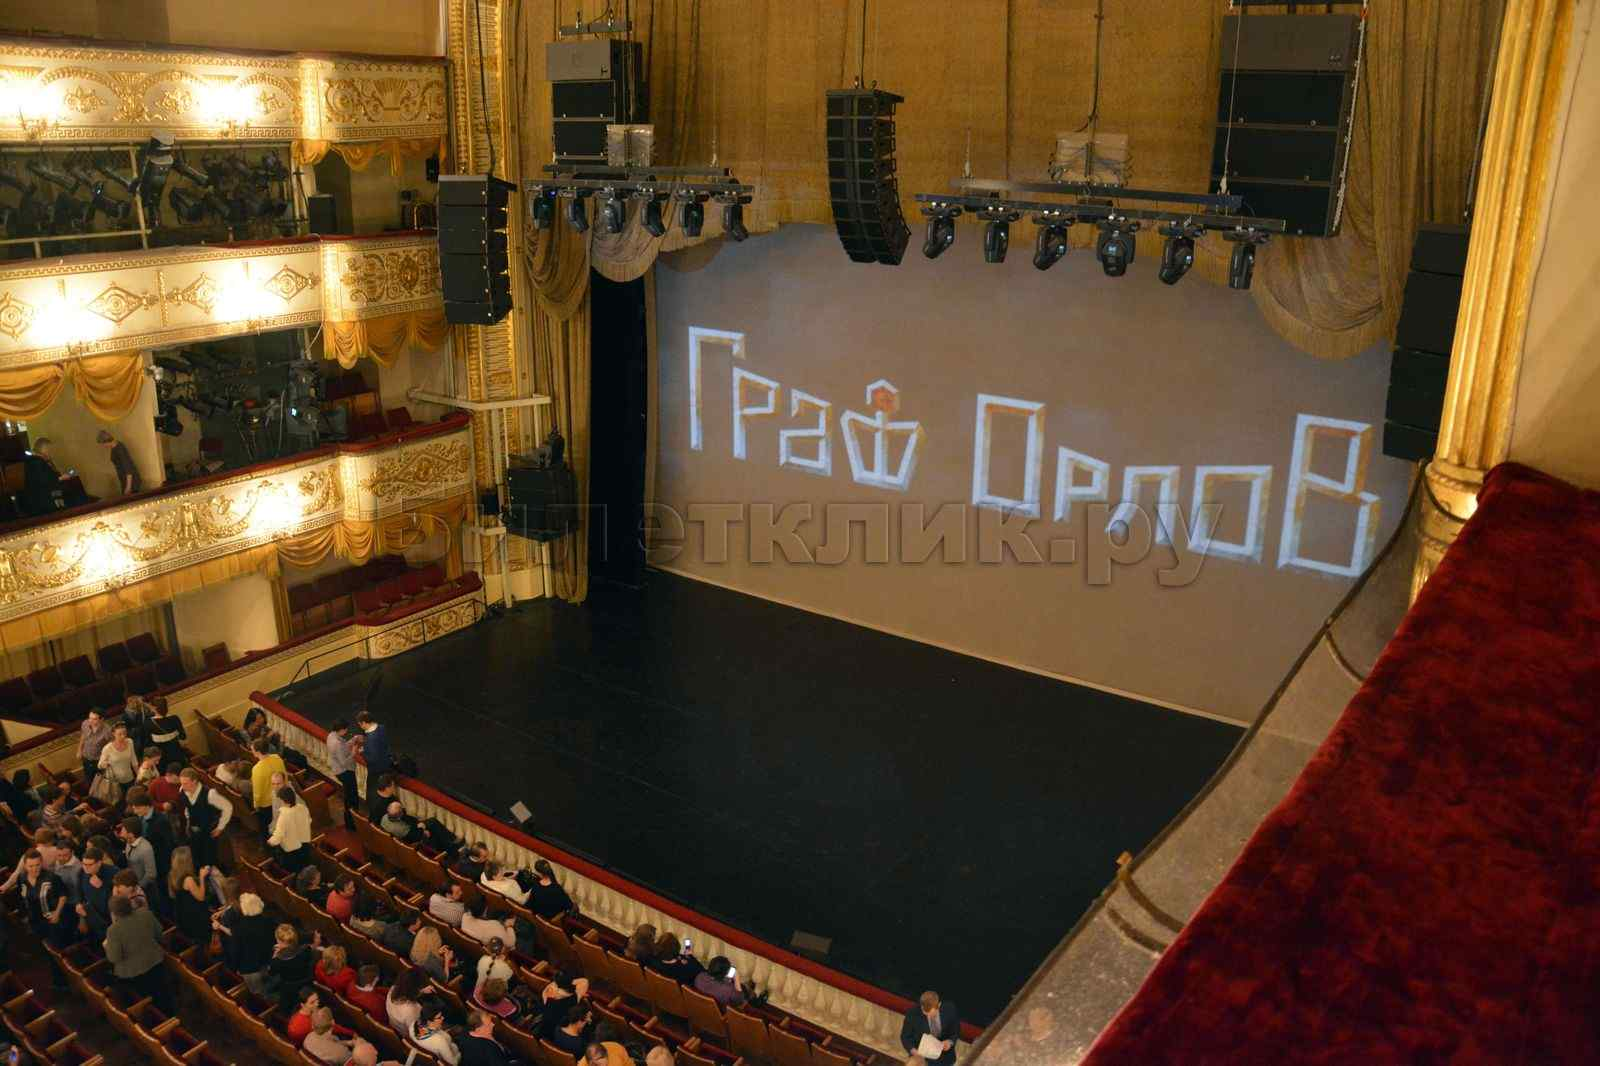 Схема проезда в театр оперетты фото 588